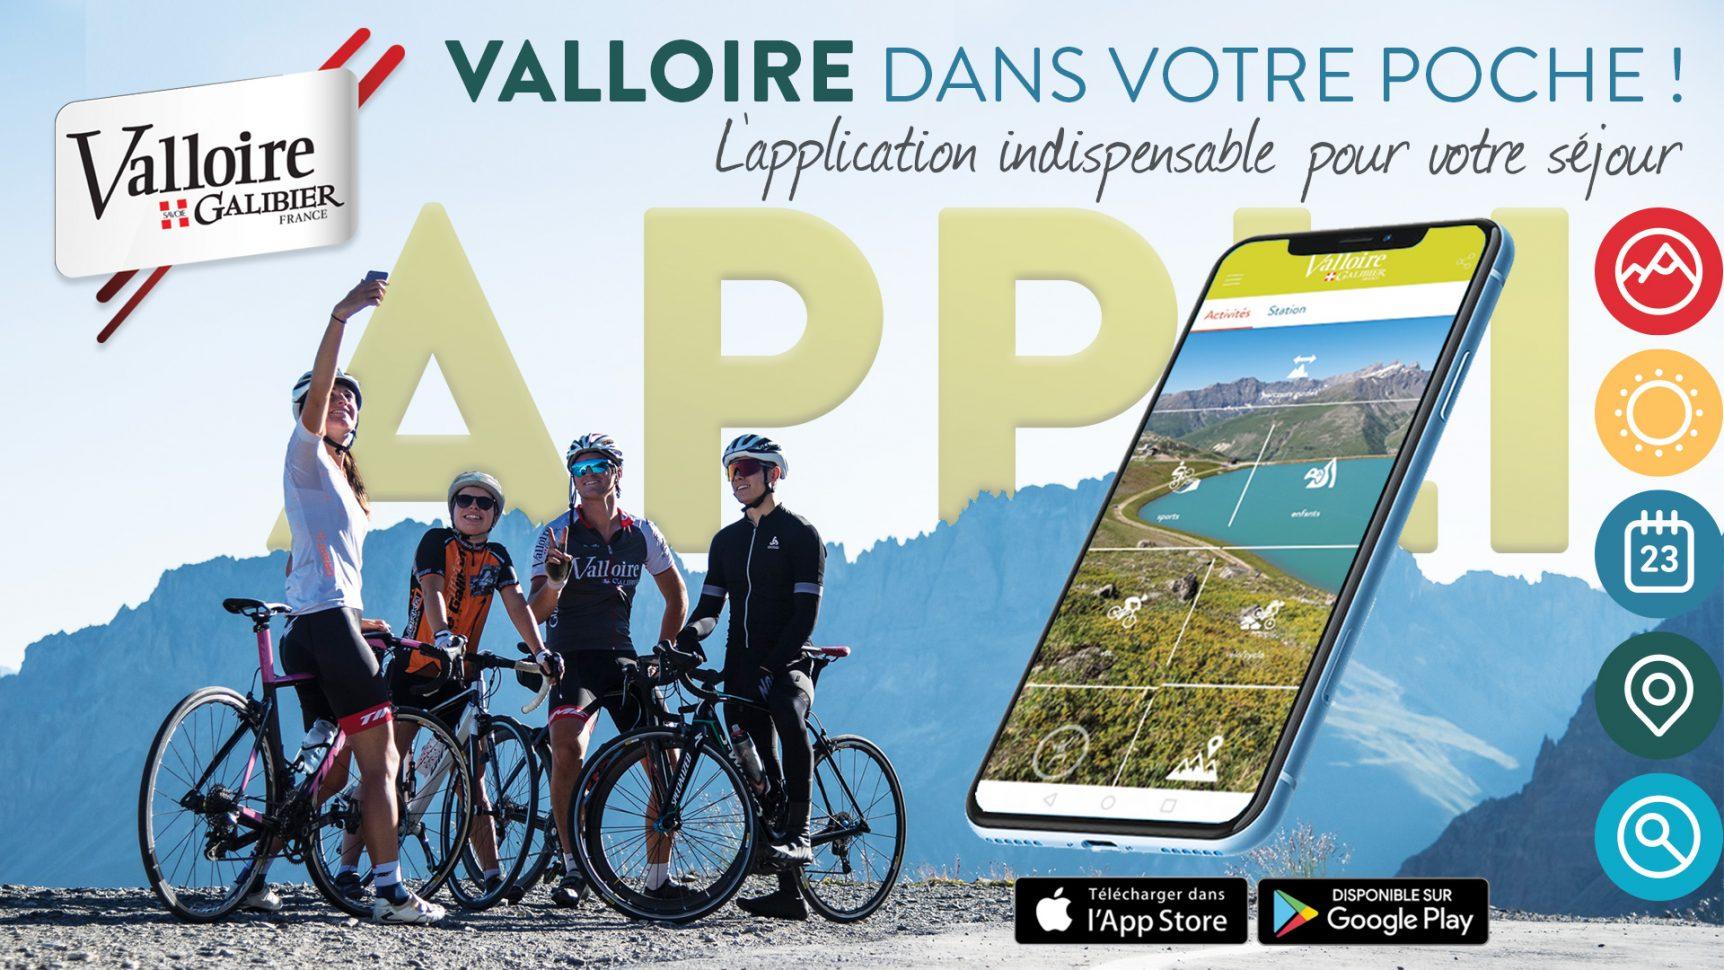 Téléchargez l'appli Valloire pour toutes les informations sur la station